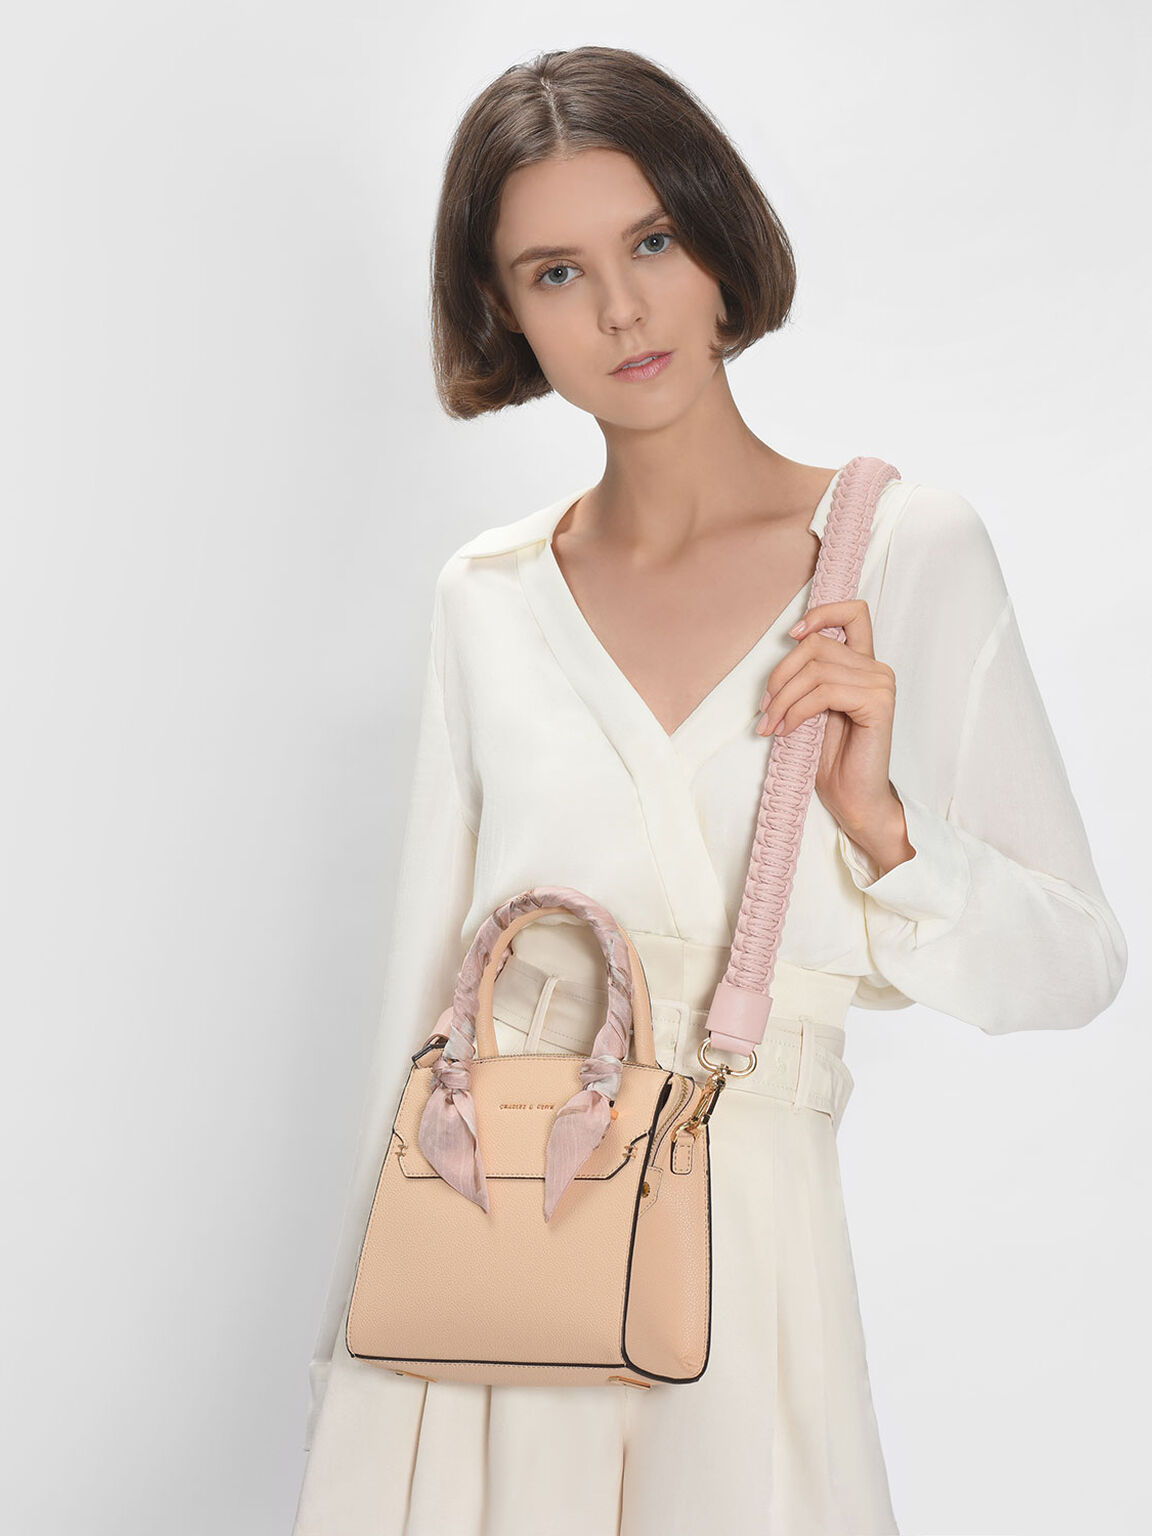 Knotted Weave Bag Strap, Blush, hi-res